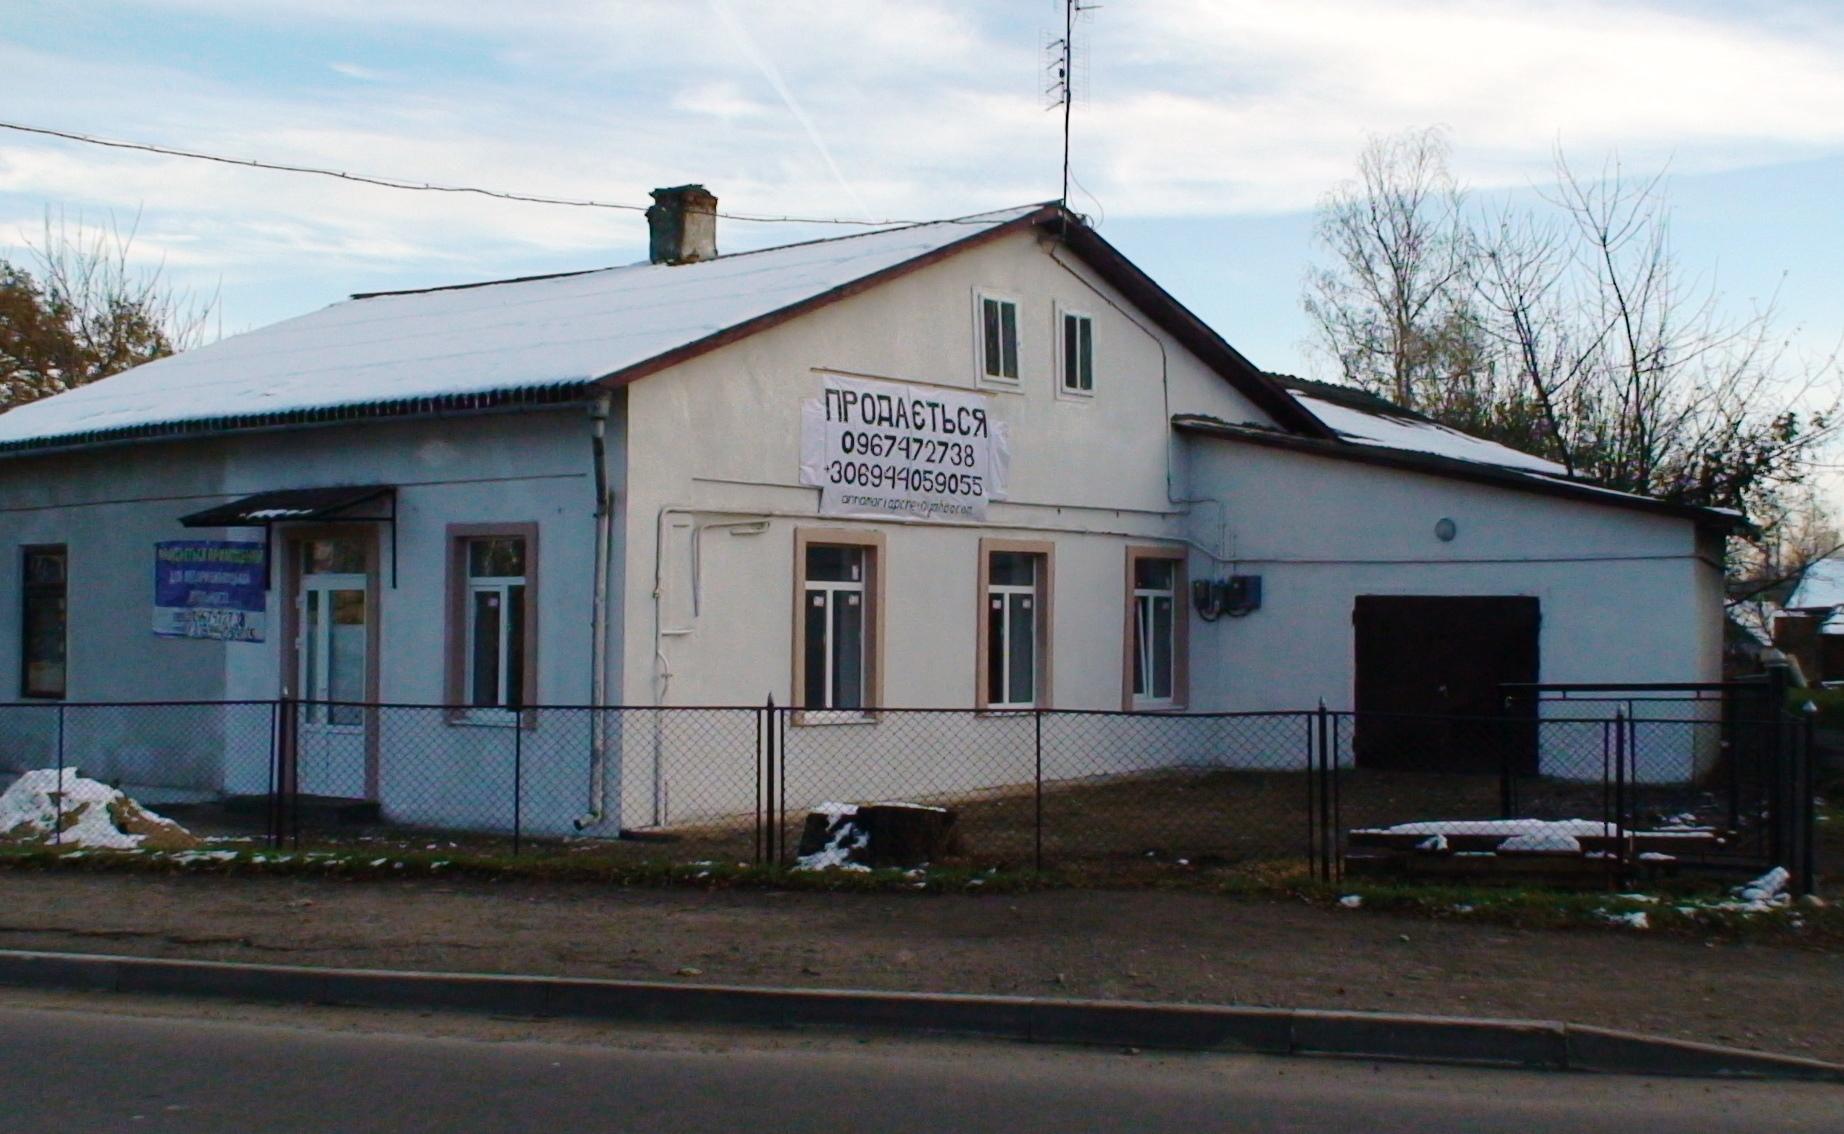 Продається приміщення для підприємницької діяльності, зображення 1